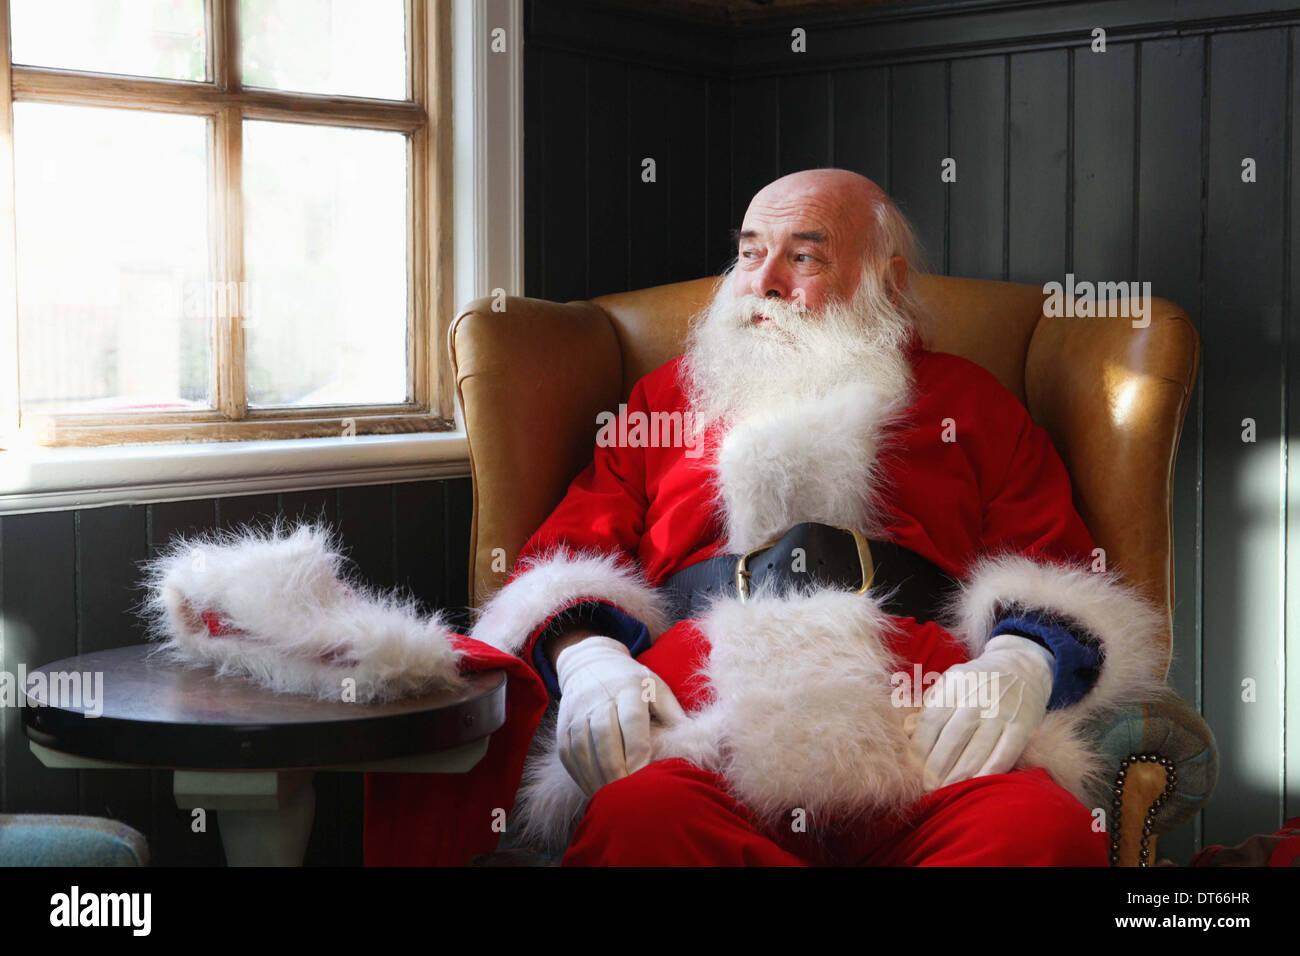 Santa Claus tomando roturas en el sillón Imagen De Stock